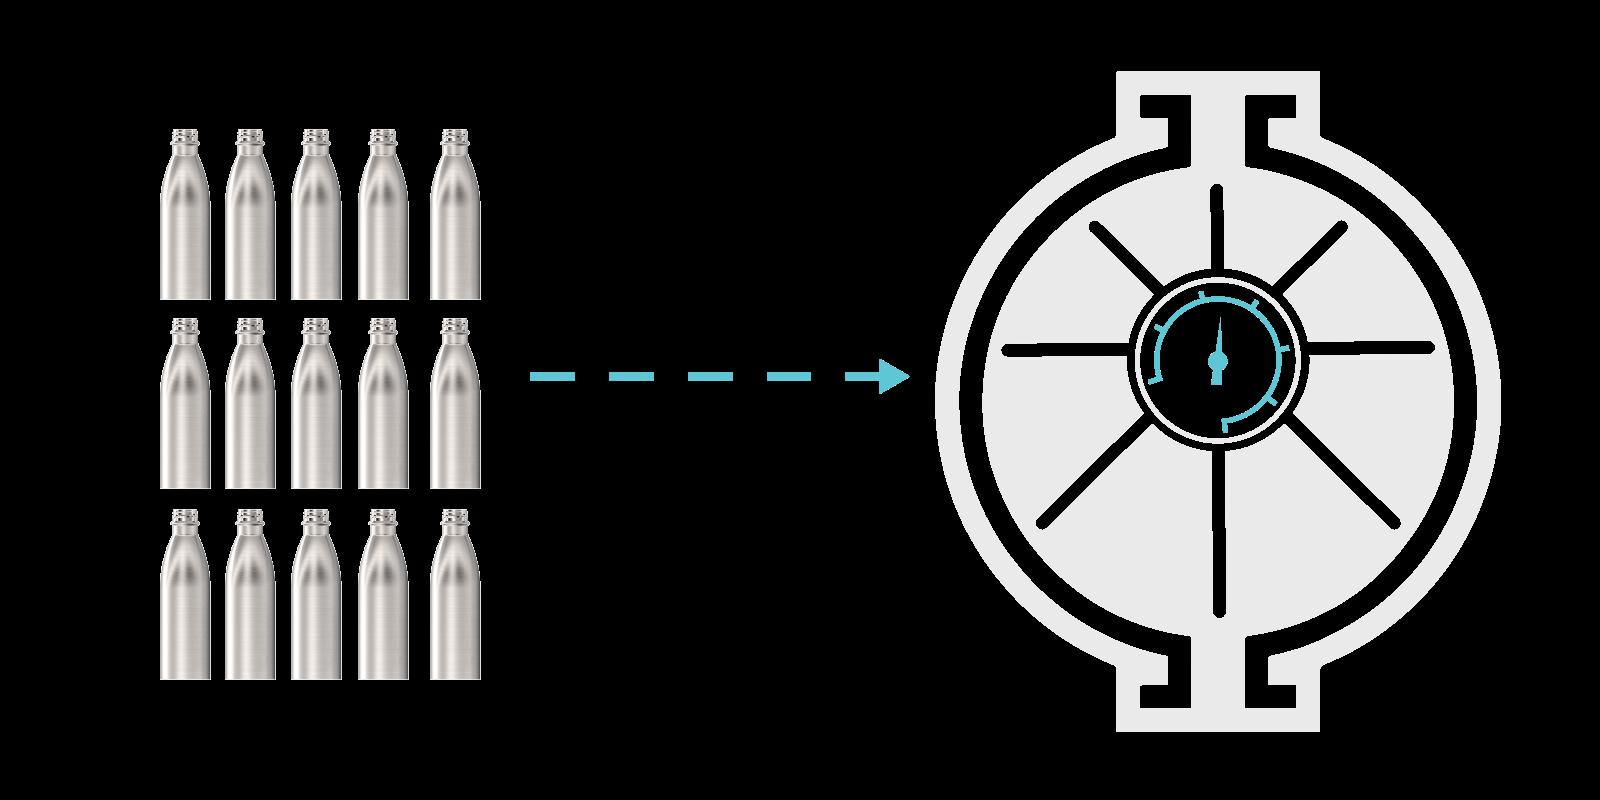 Come realizziamo le nostre Borracce in metallo - Step5